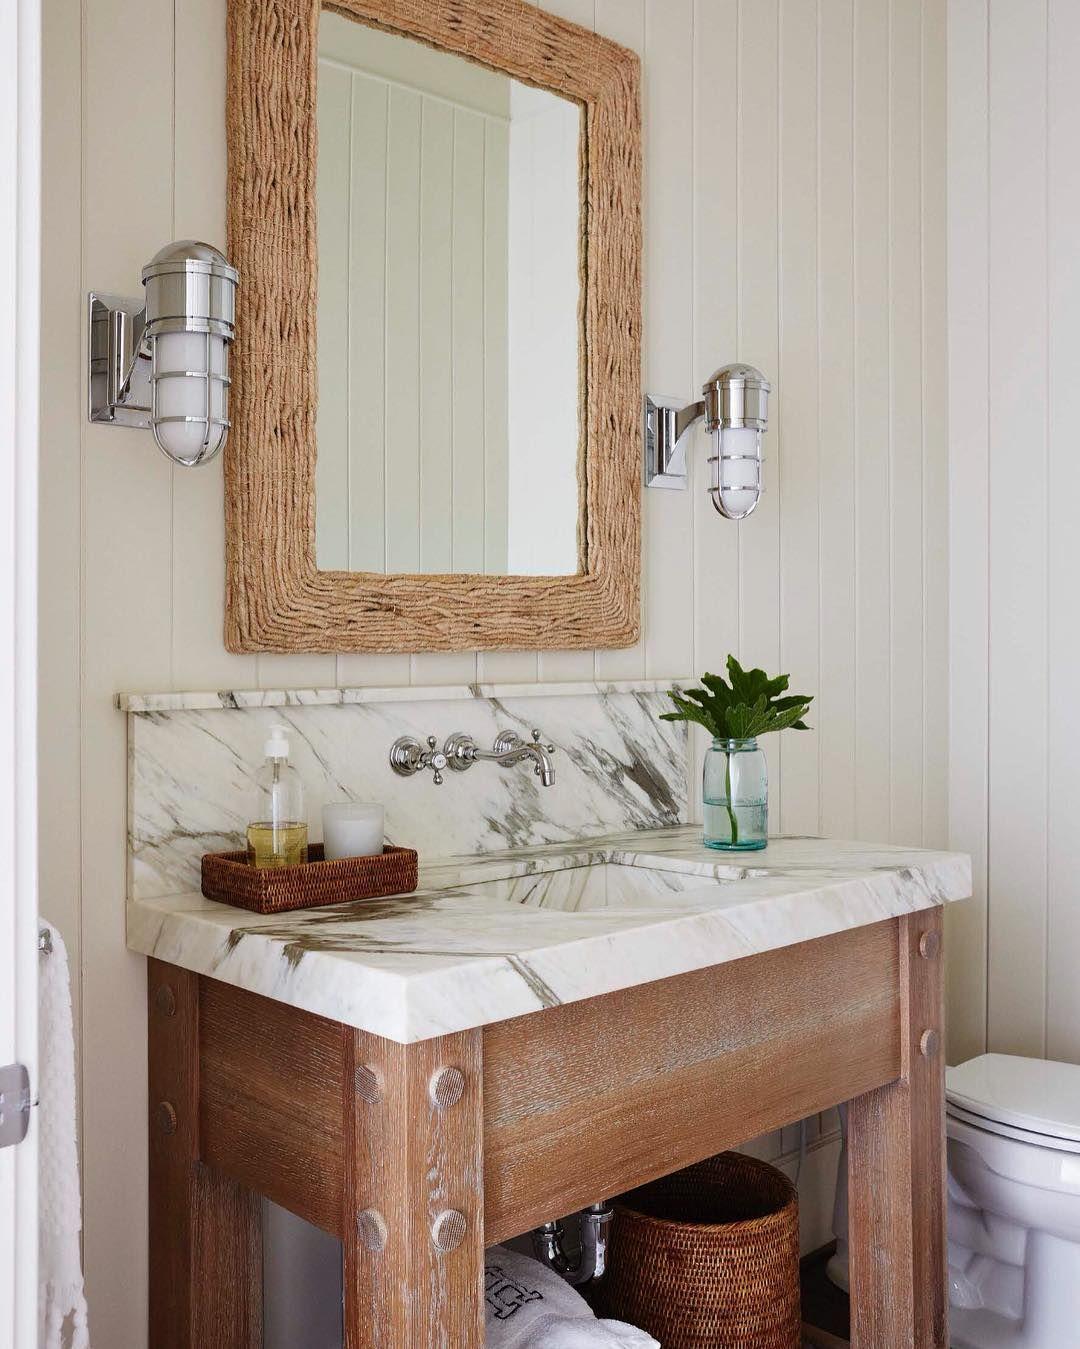 Pin By C Vieiralves On Beach House Decorative Bathroom Mirrors Bathroom Wall Decor Simple Bathroom